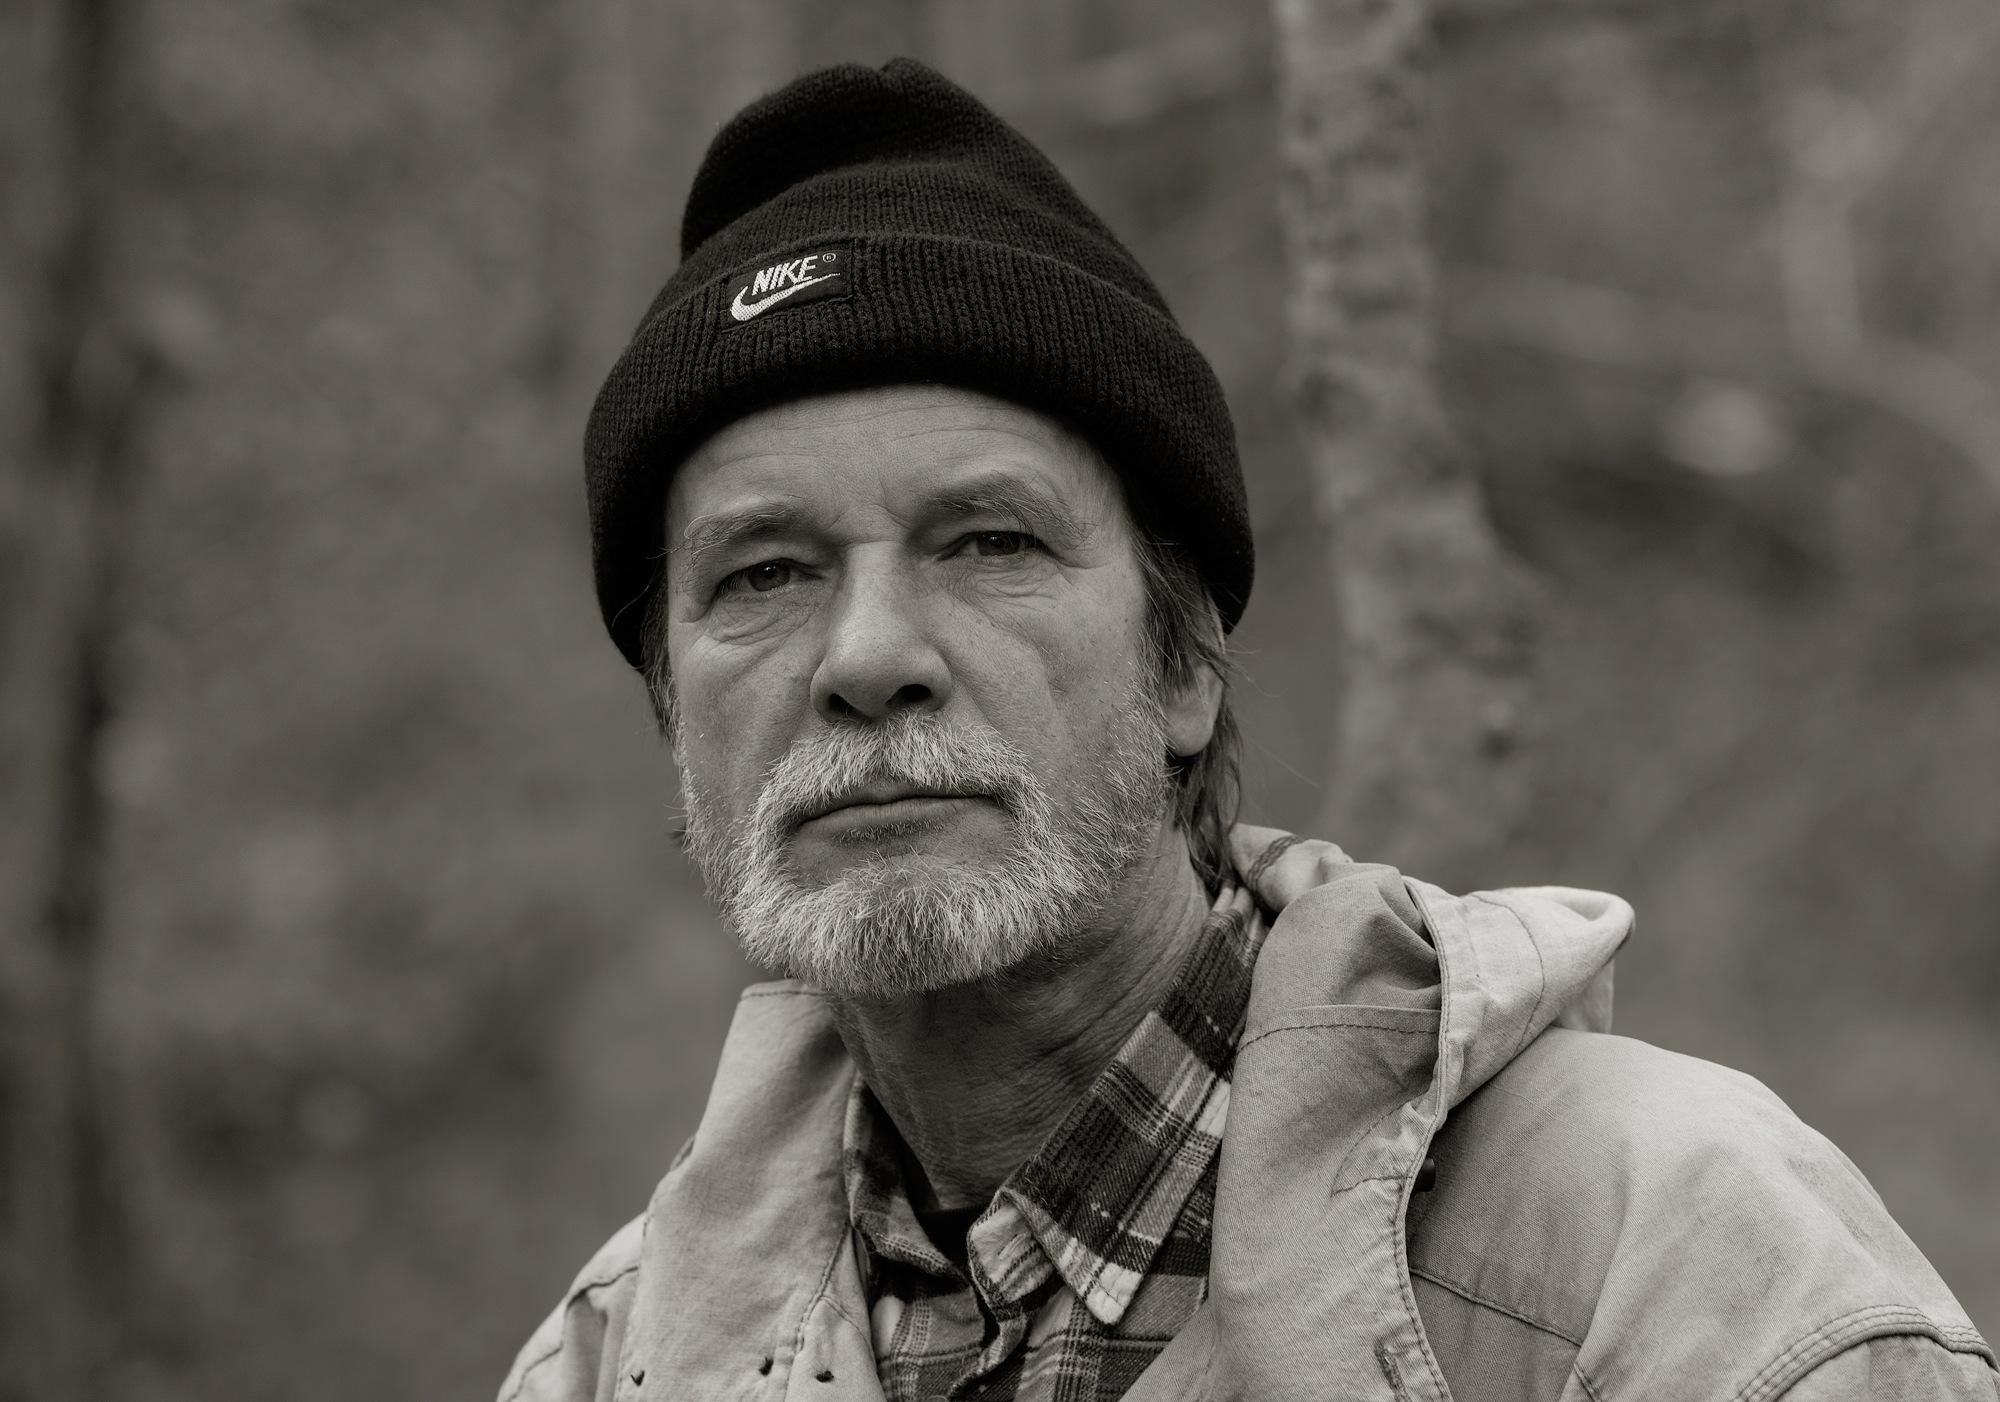 Portrait by Alexander Plekhanov